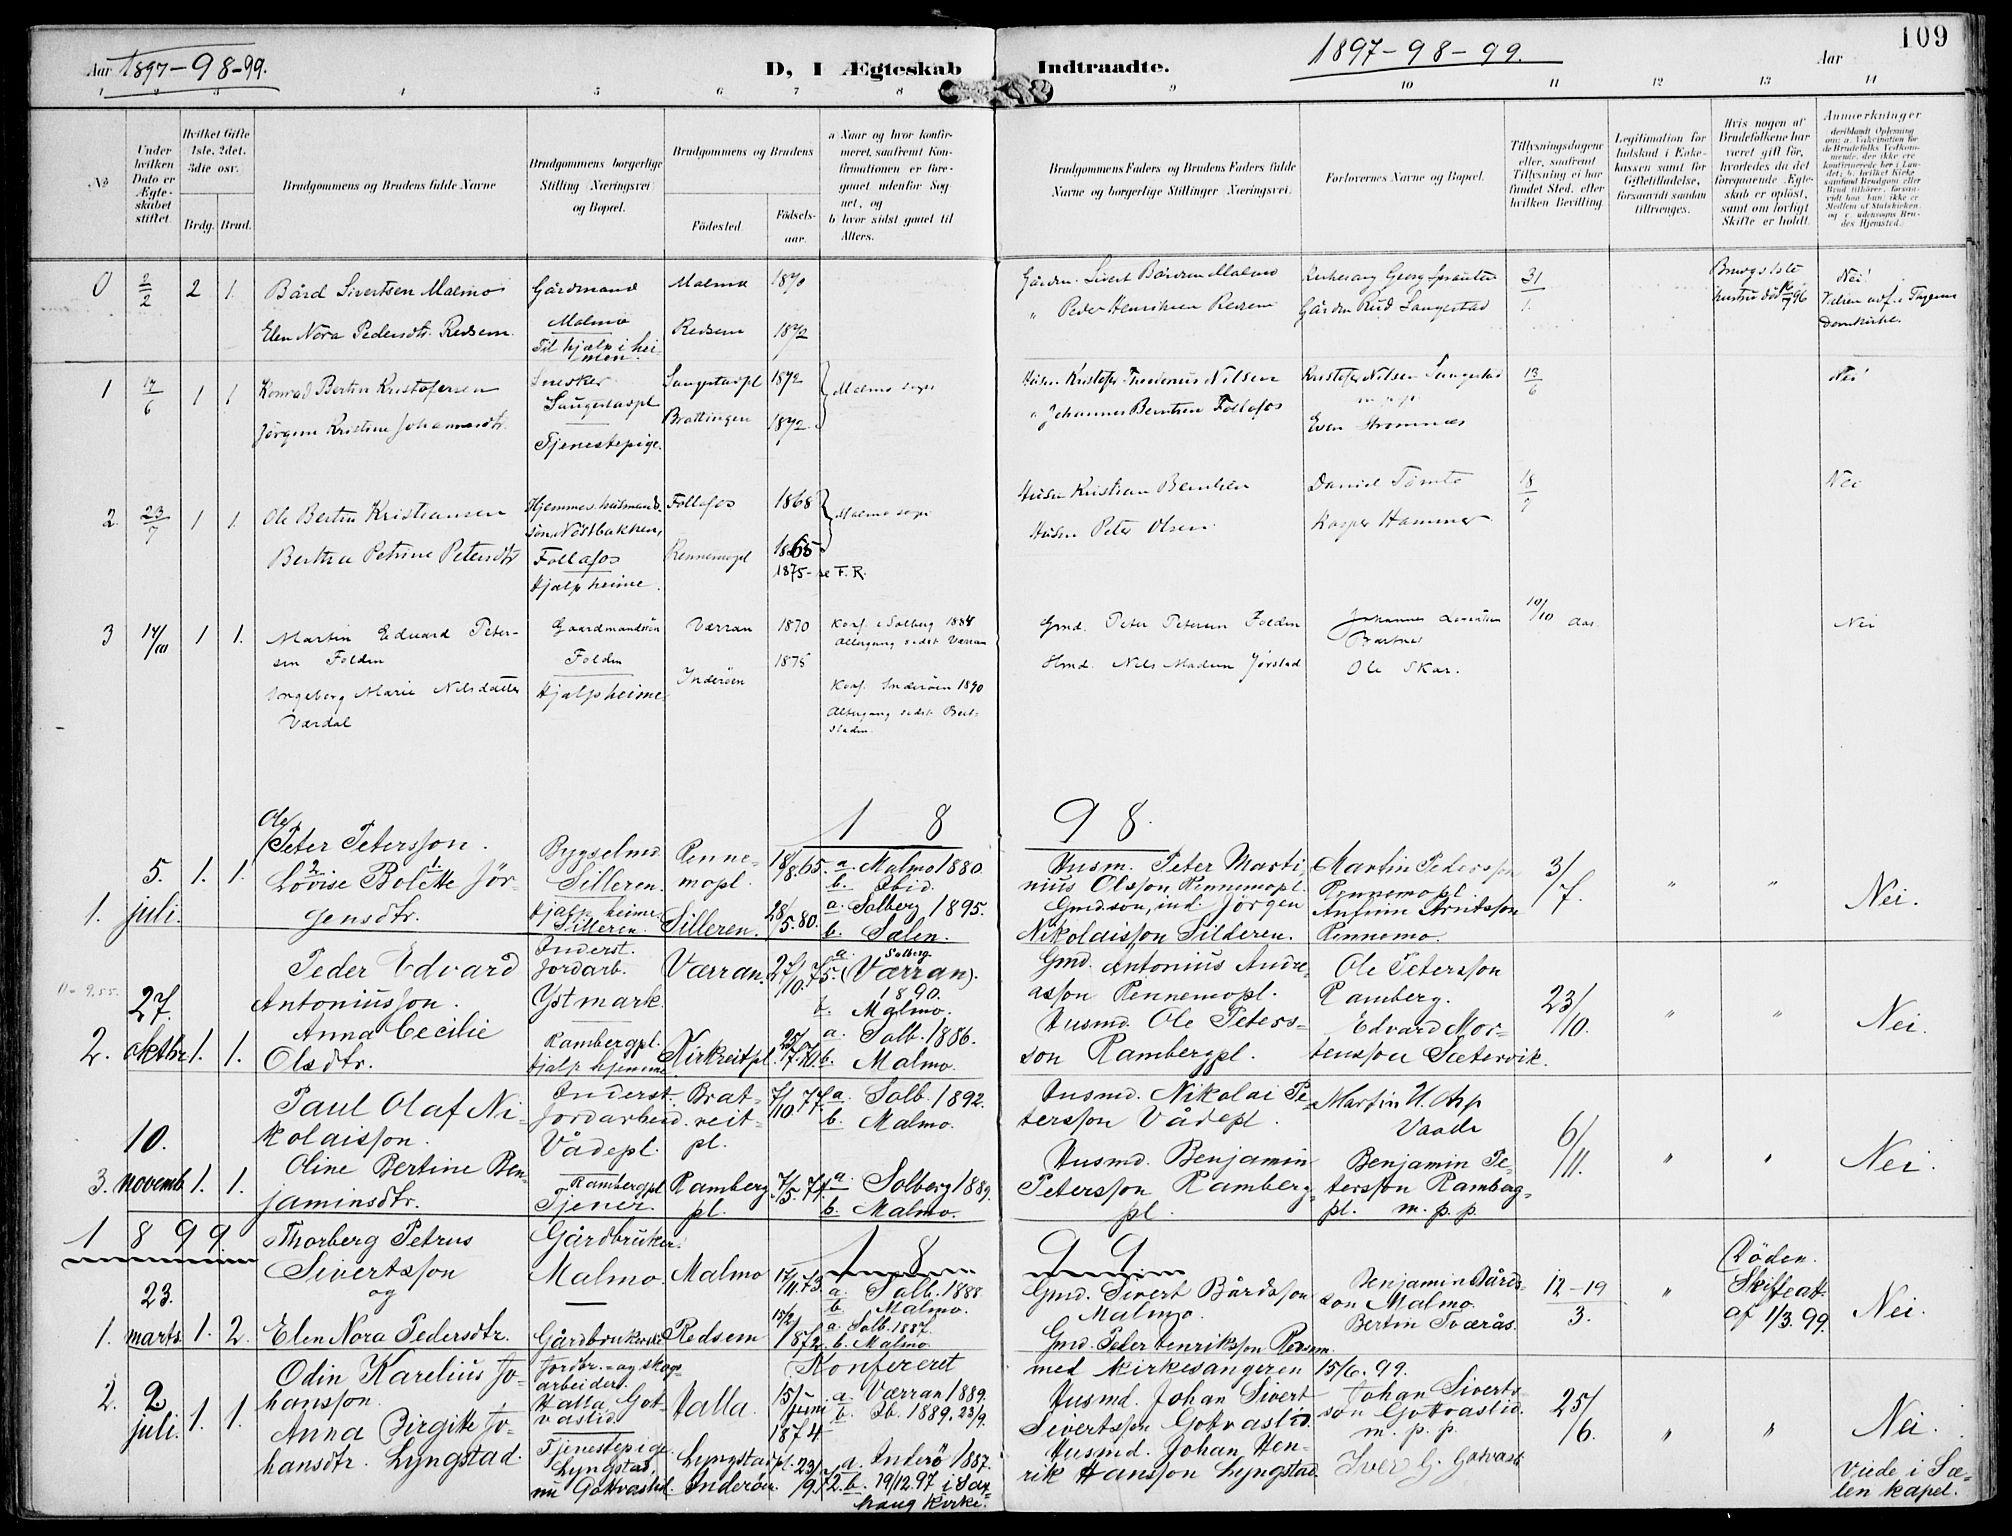 SAT, Ministerialprotokoller, klokkerbøker og fødselsregistre - Nord-Trøndelag, 745/L0430: Ministerialbok nr. 745A02, 1895-1913, s. 109